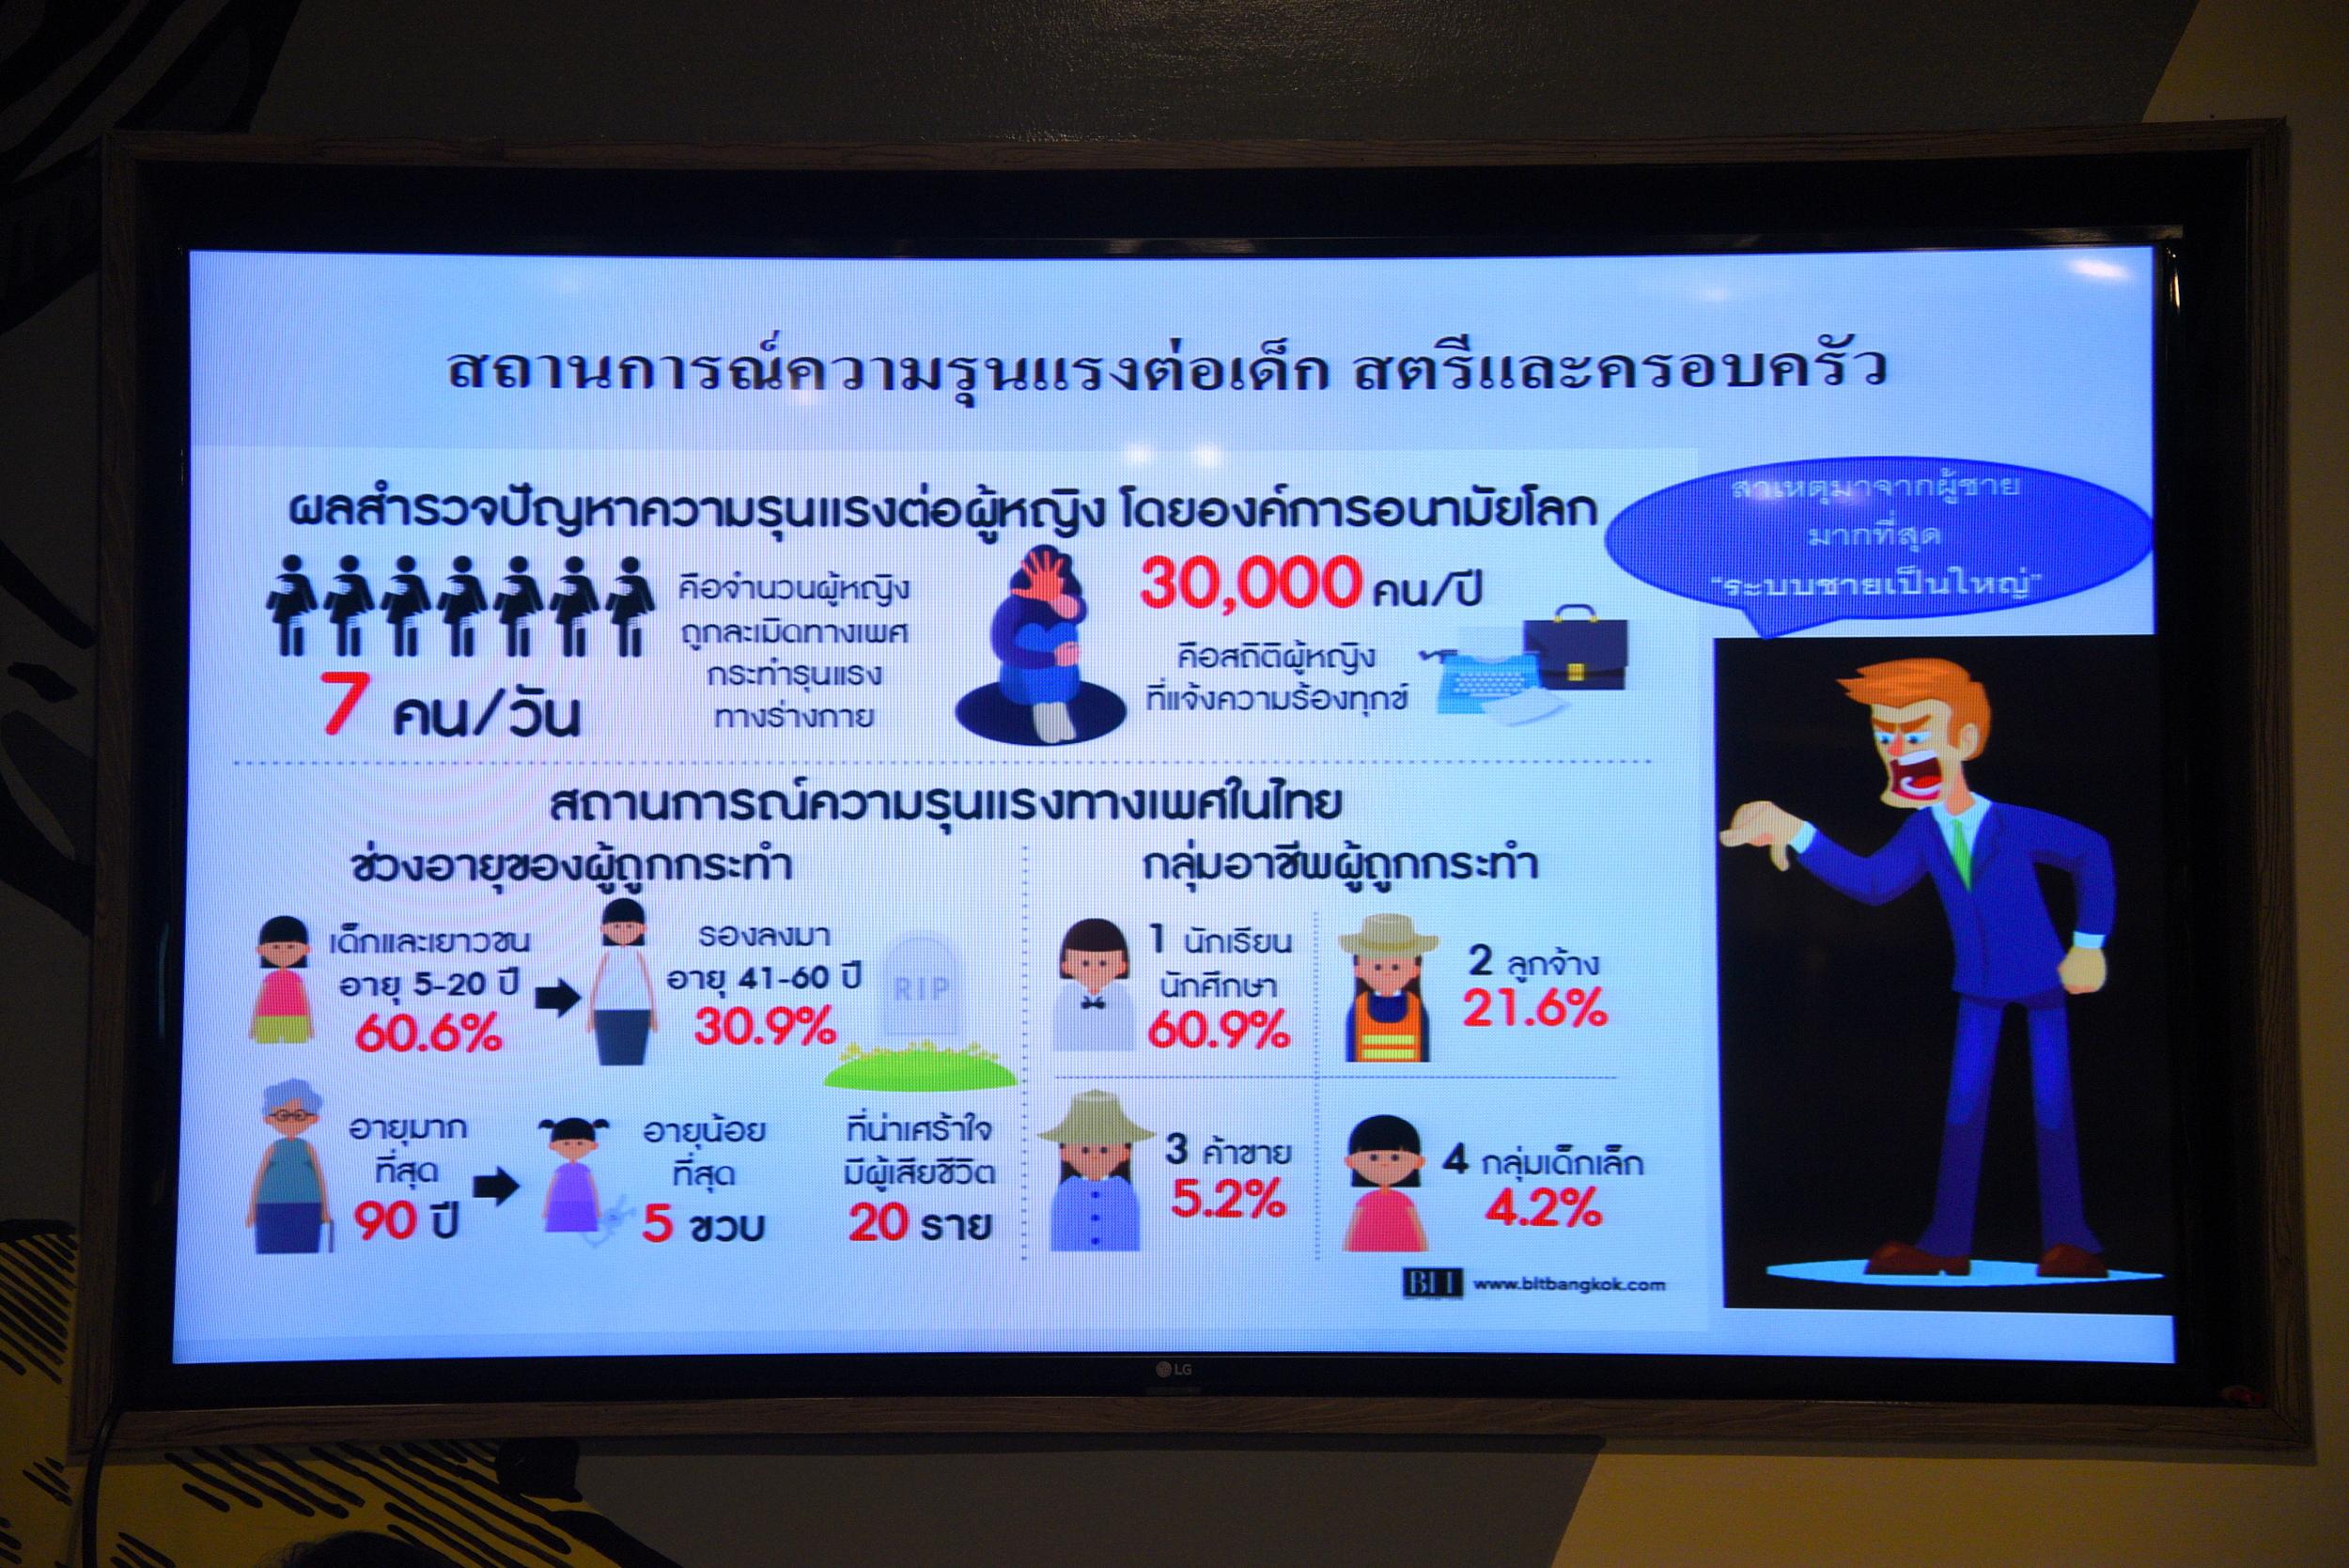 ระบบคิดความเป็นเจ้าของ แฟน-ผัว-เมีย ต้นเหตุนำไปสู่ความรุนแรง thaihealth